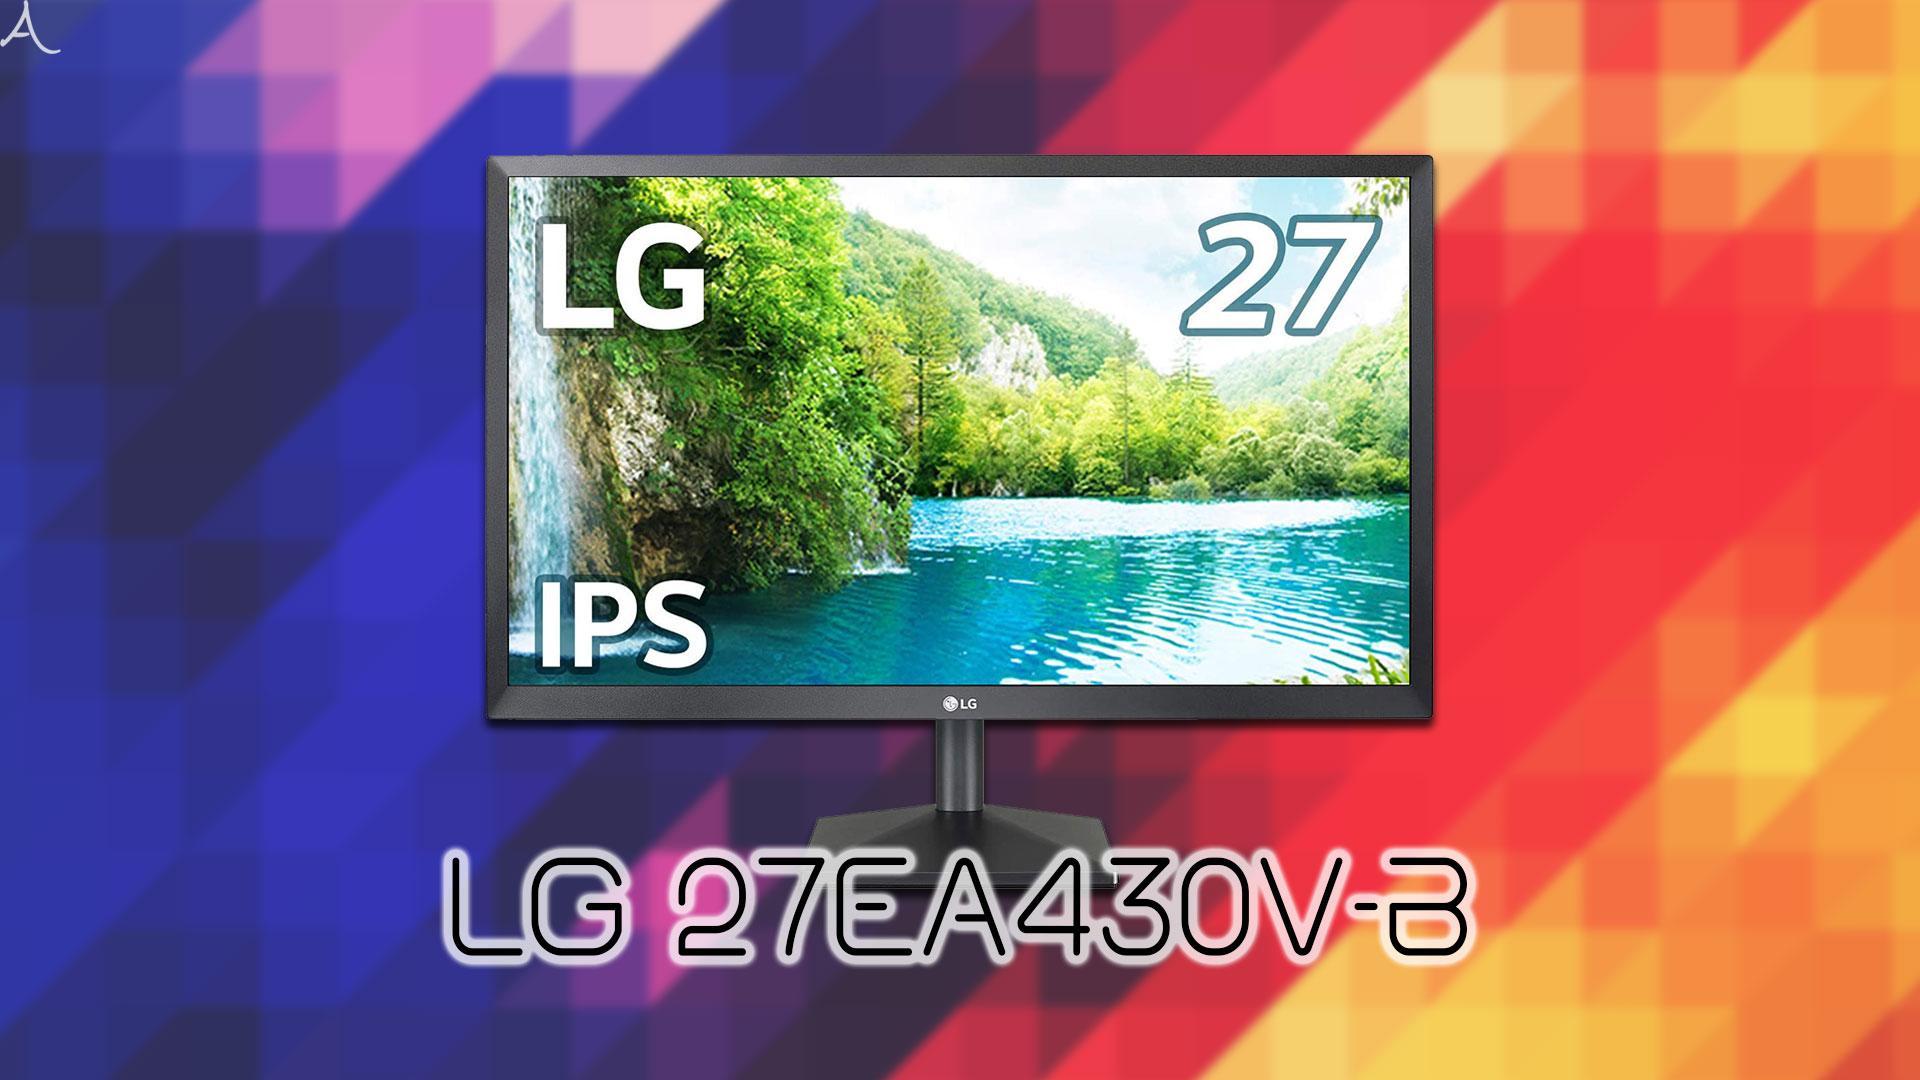 「LG 27EA430V-B」ってモニターアーム使えるの?VESAサイズやおすすめアームはどれ?